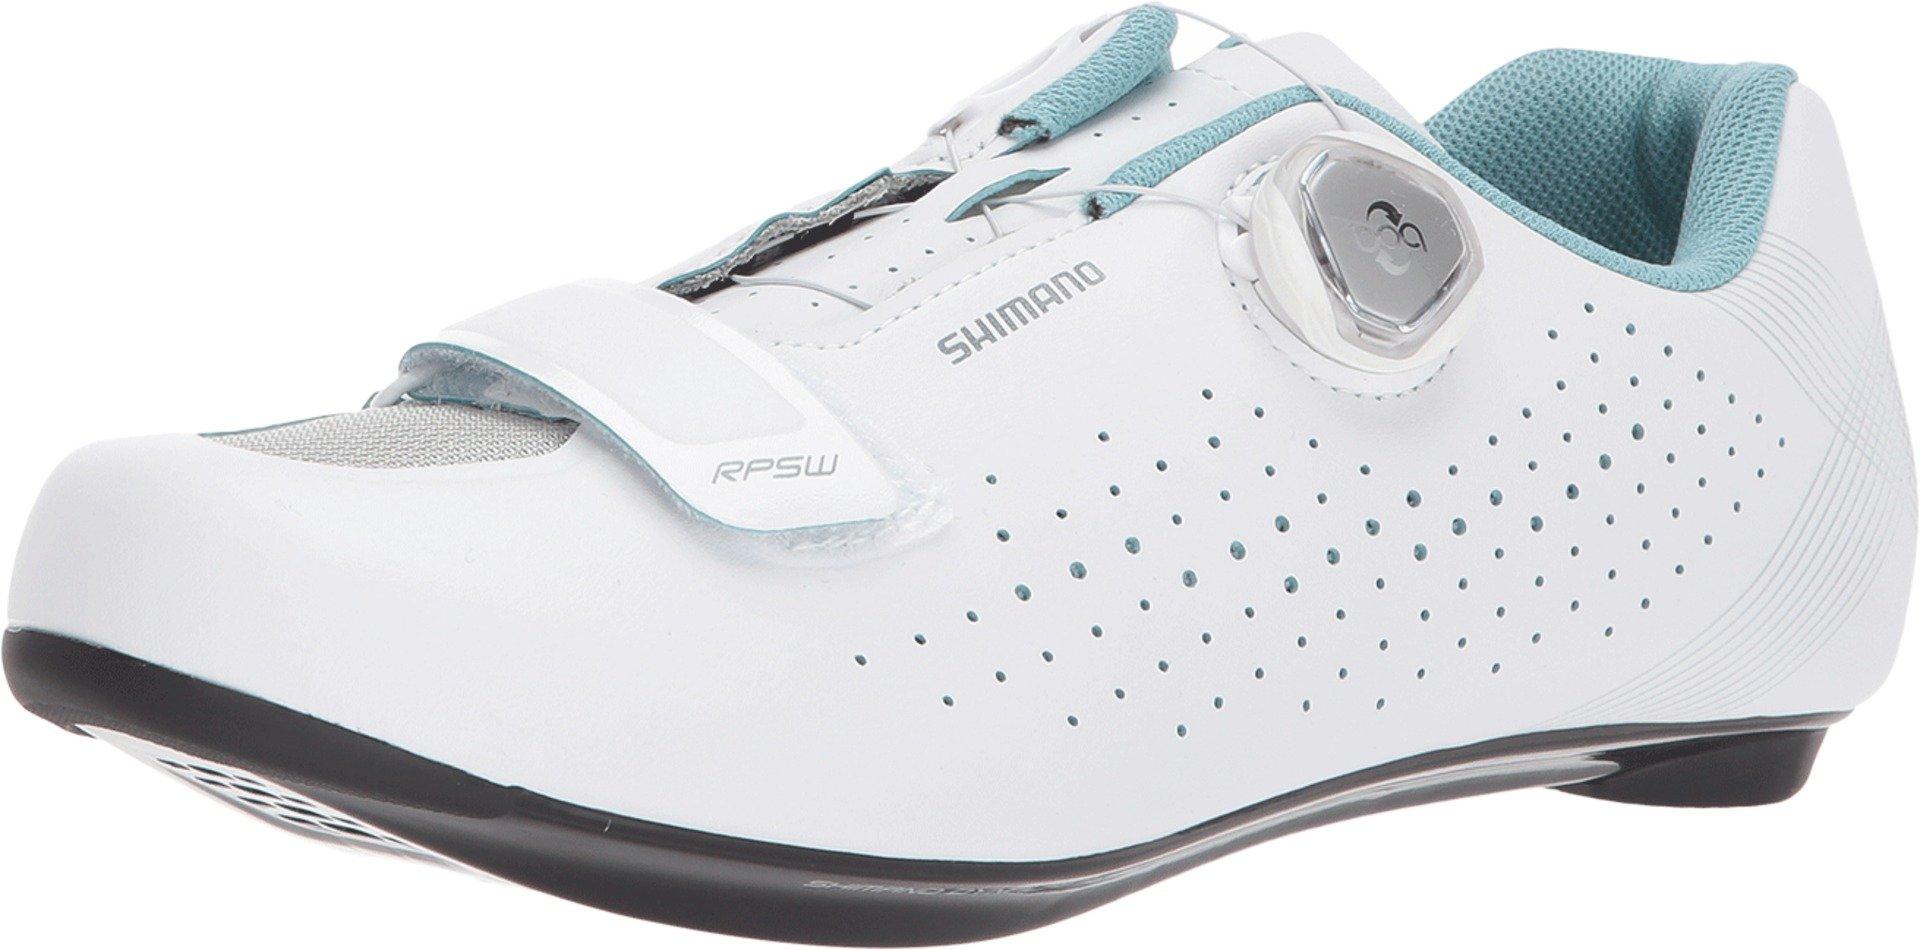 SHIMANO Women's RP501W Performance Cycling Shoe (White- 43) by SHIMANO